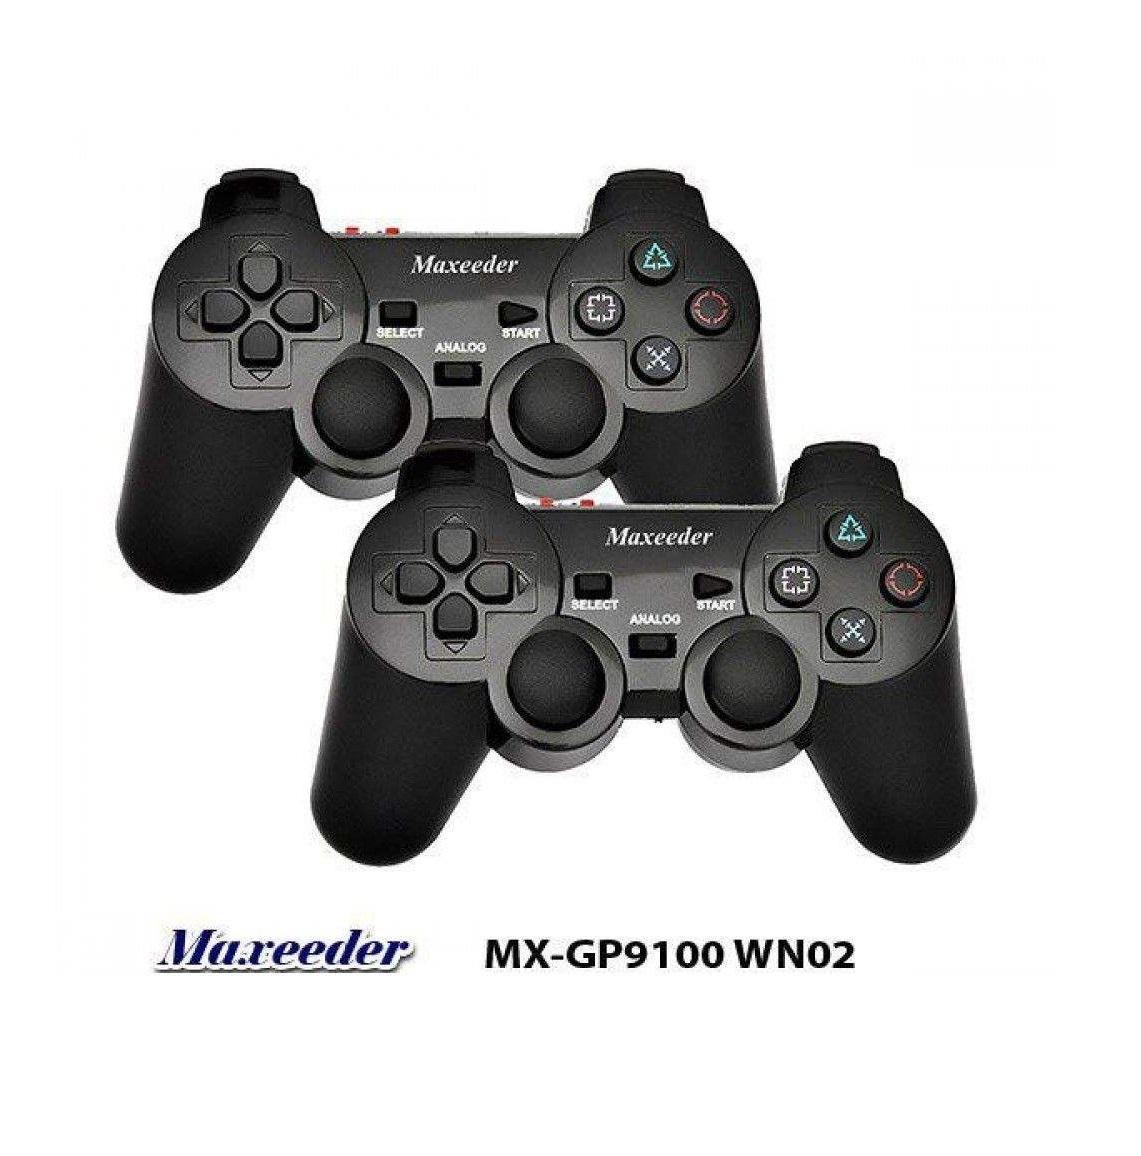 دسته بازی بی سیم مکسیدر مدل MX-GP8110 WN12 بسته دو عددی